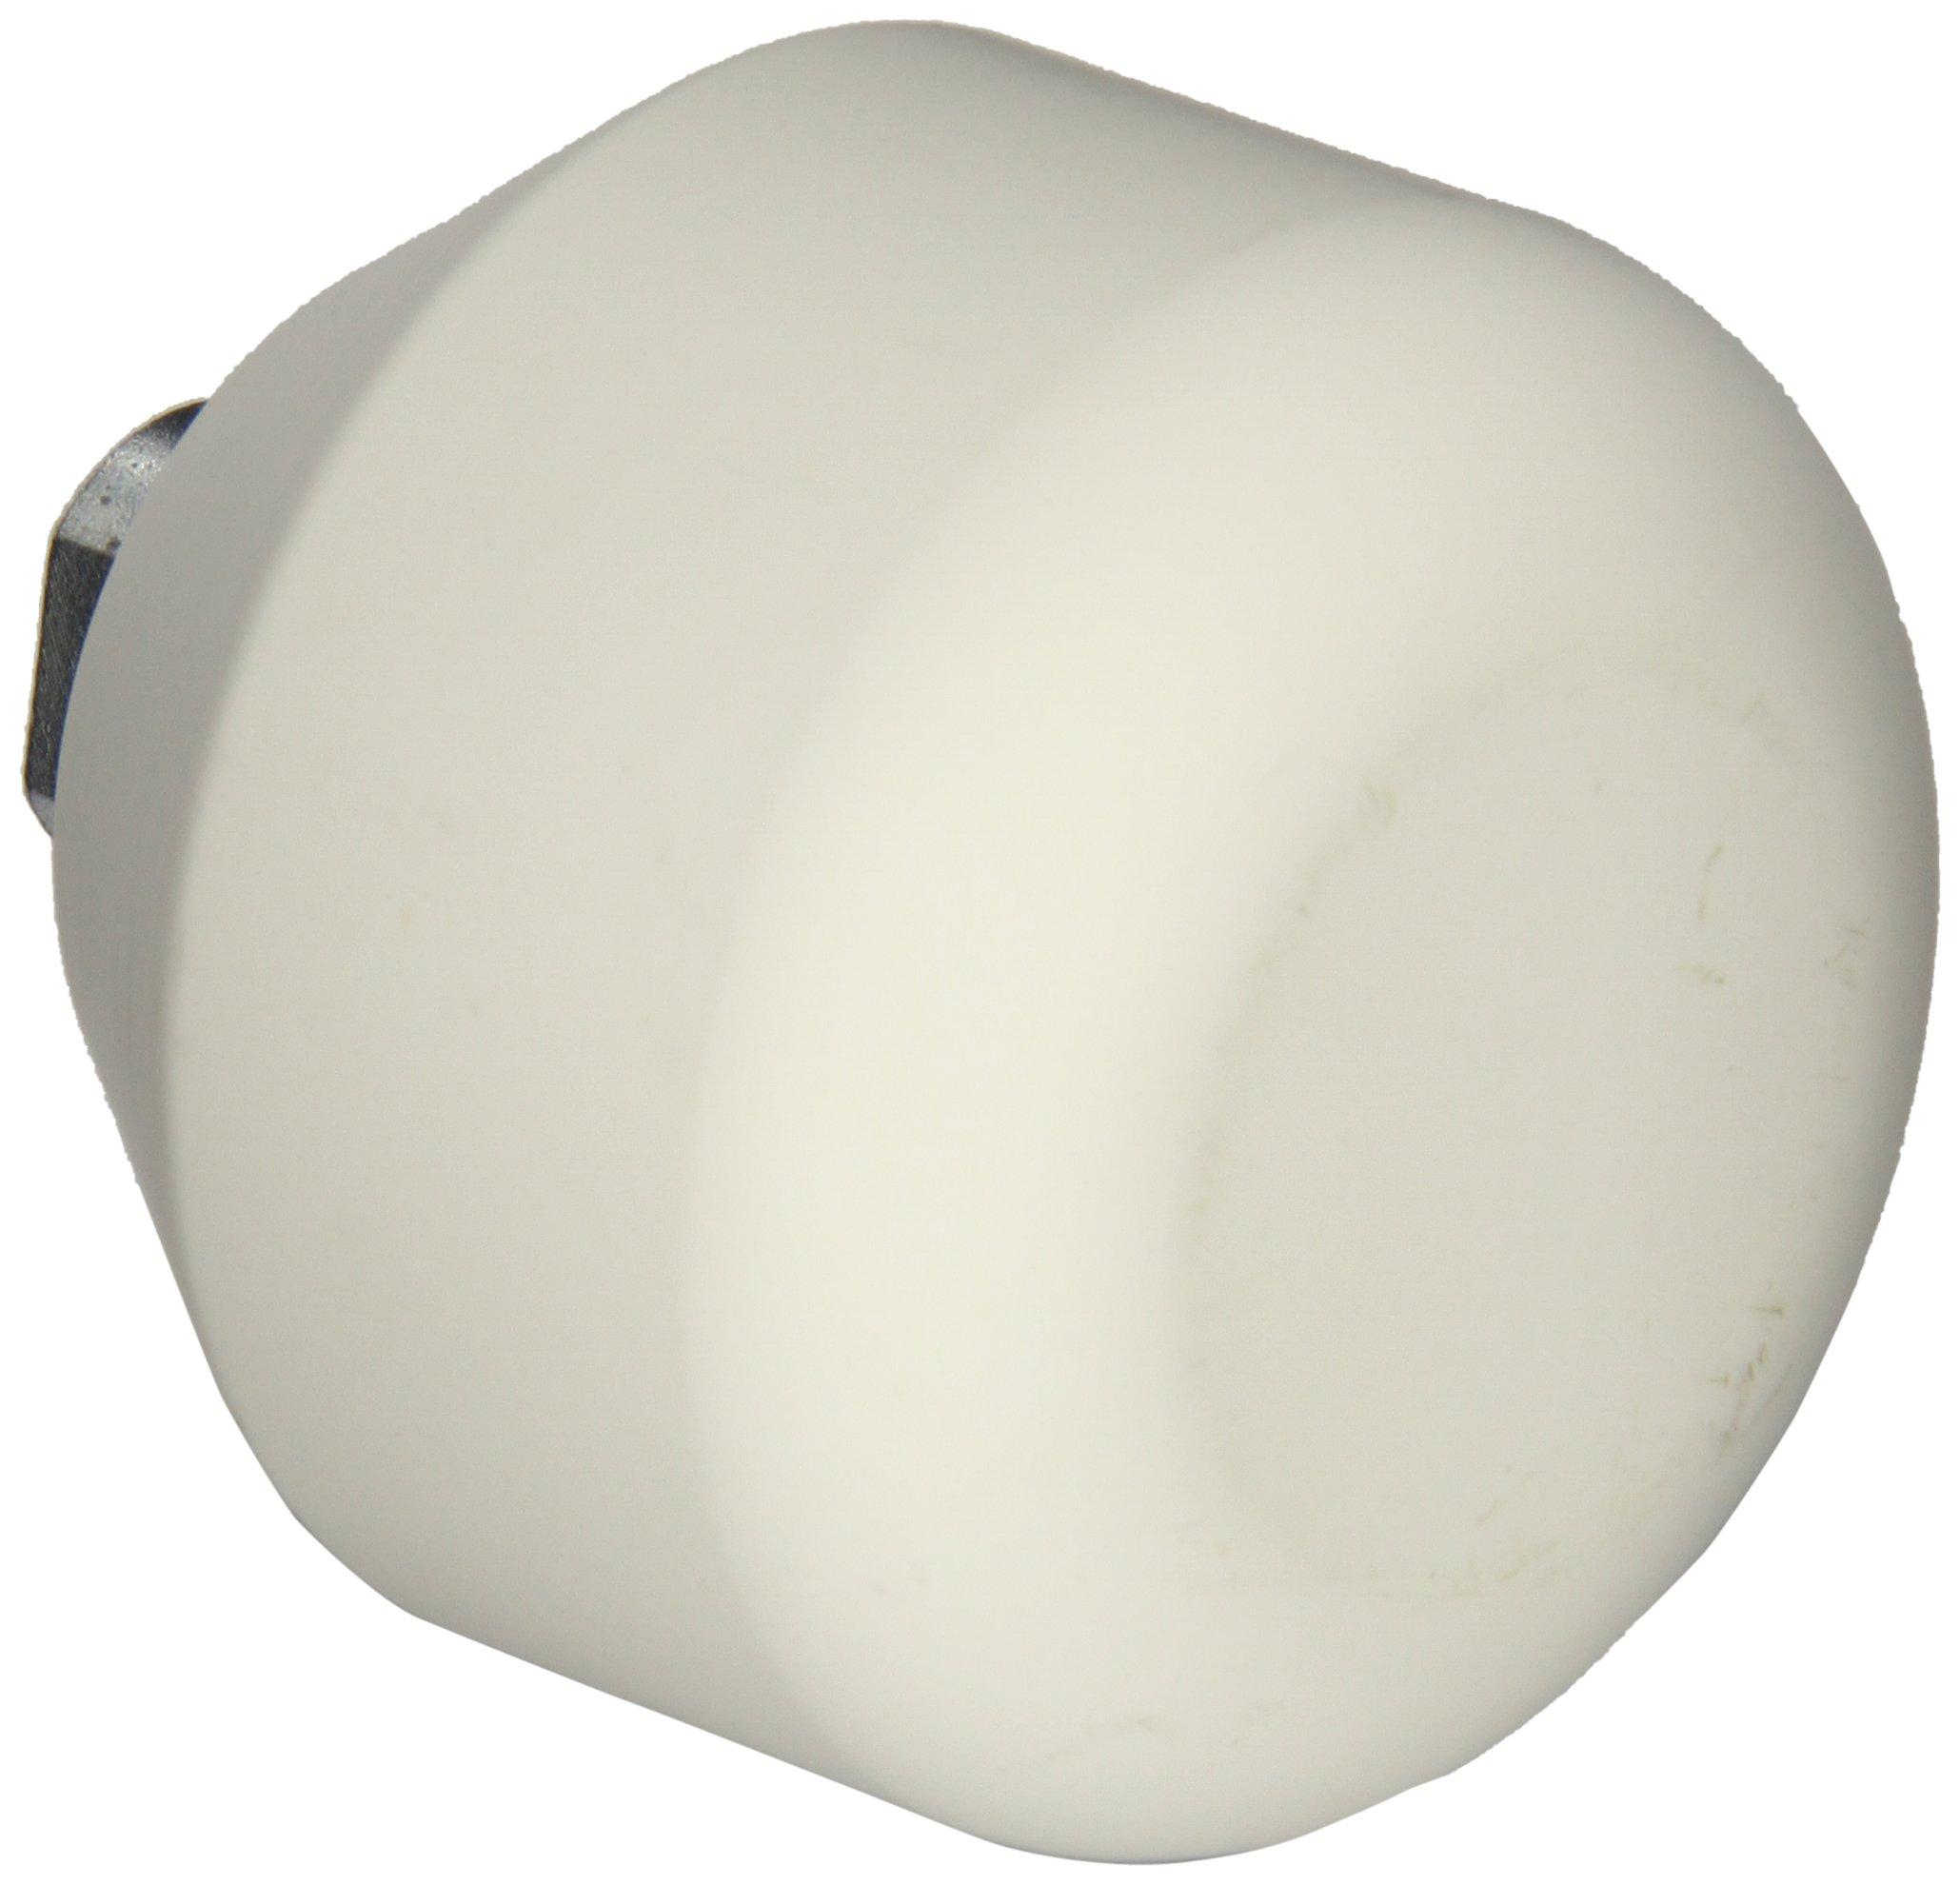 Retsch 02.461.0007 Hard Porcelain Pestle for RM 100 Mortar Grinder